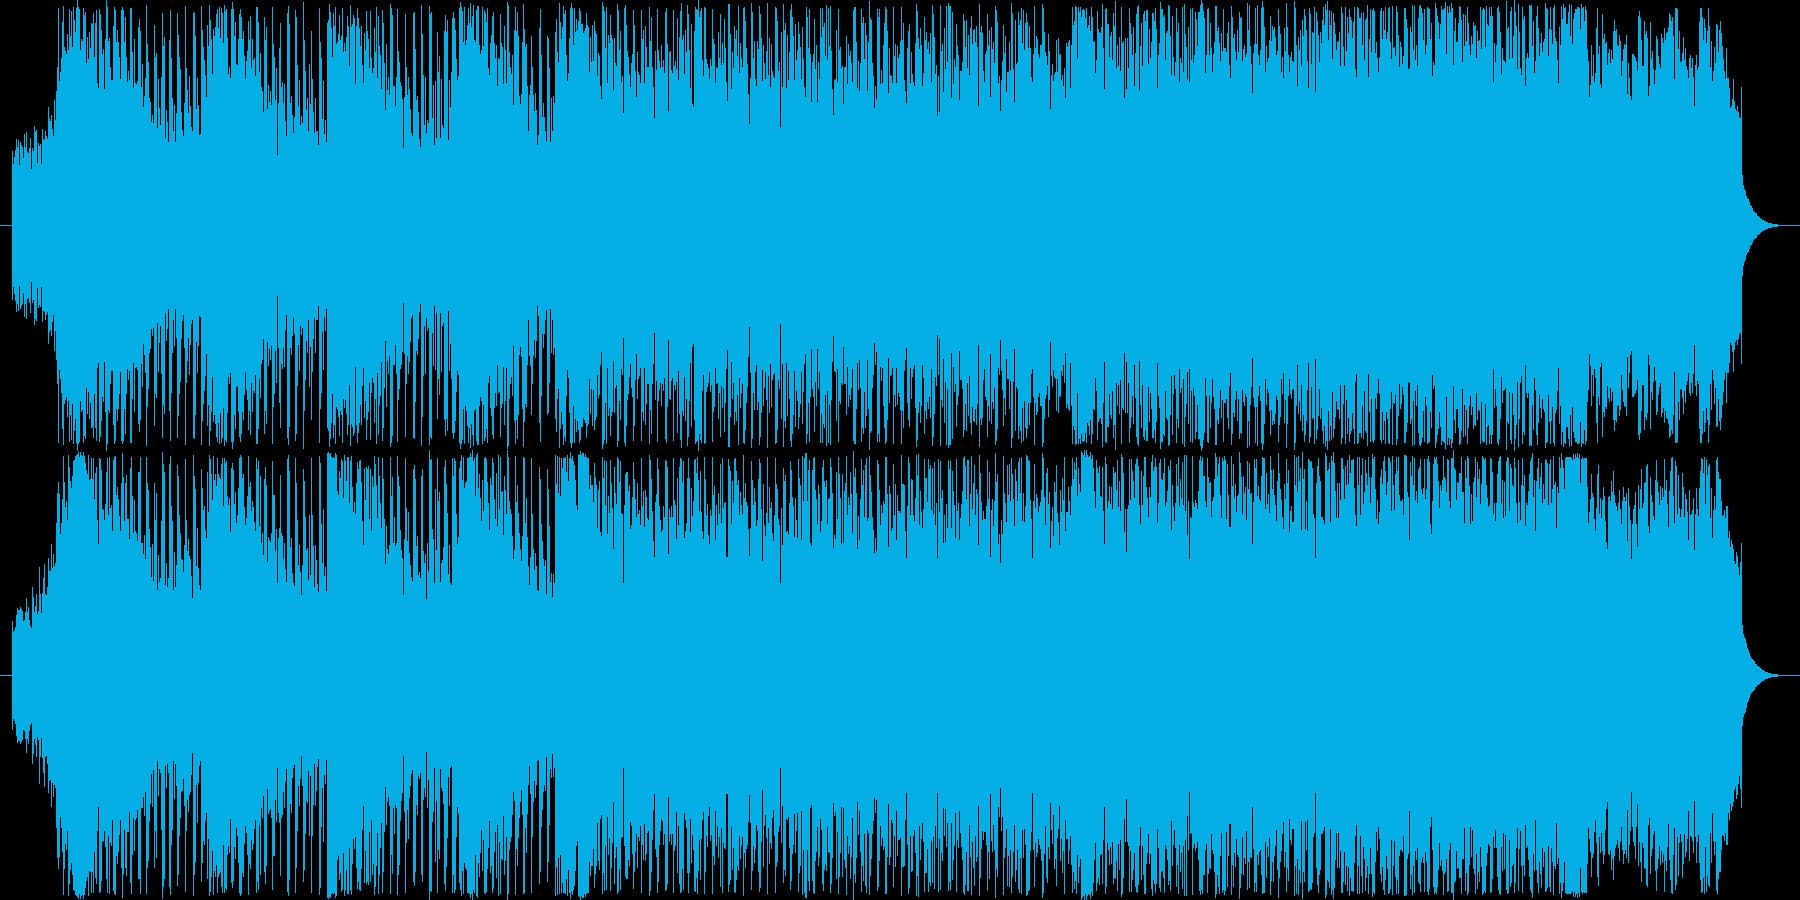 近未来感のあるダンサブルなテクノサウンドの再生済みの波形